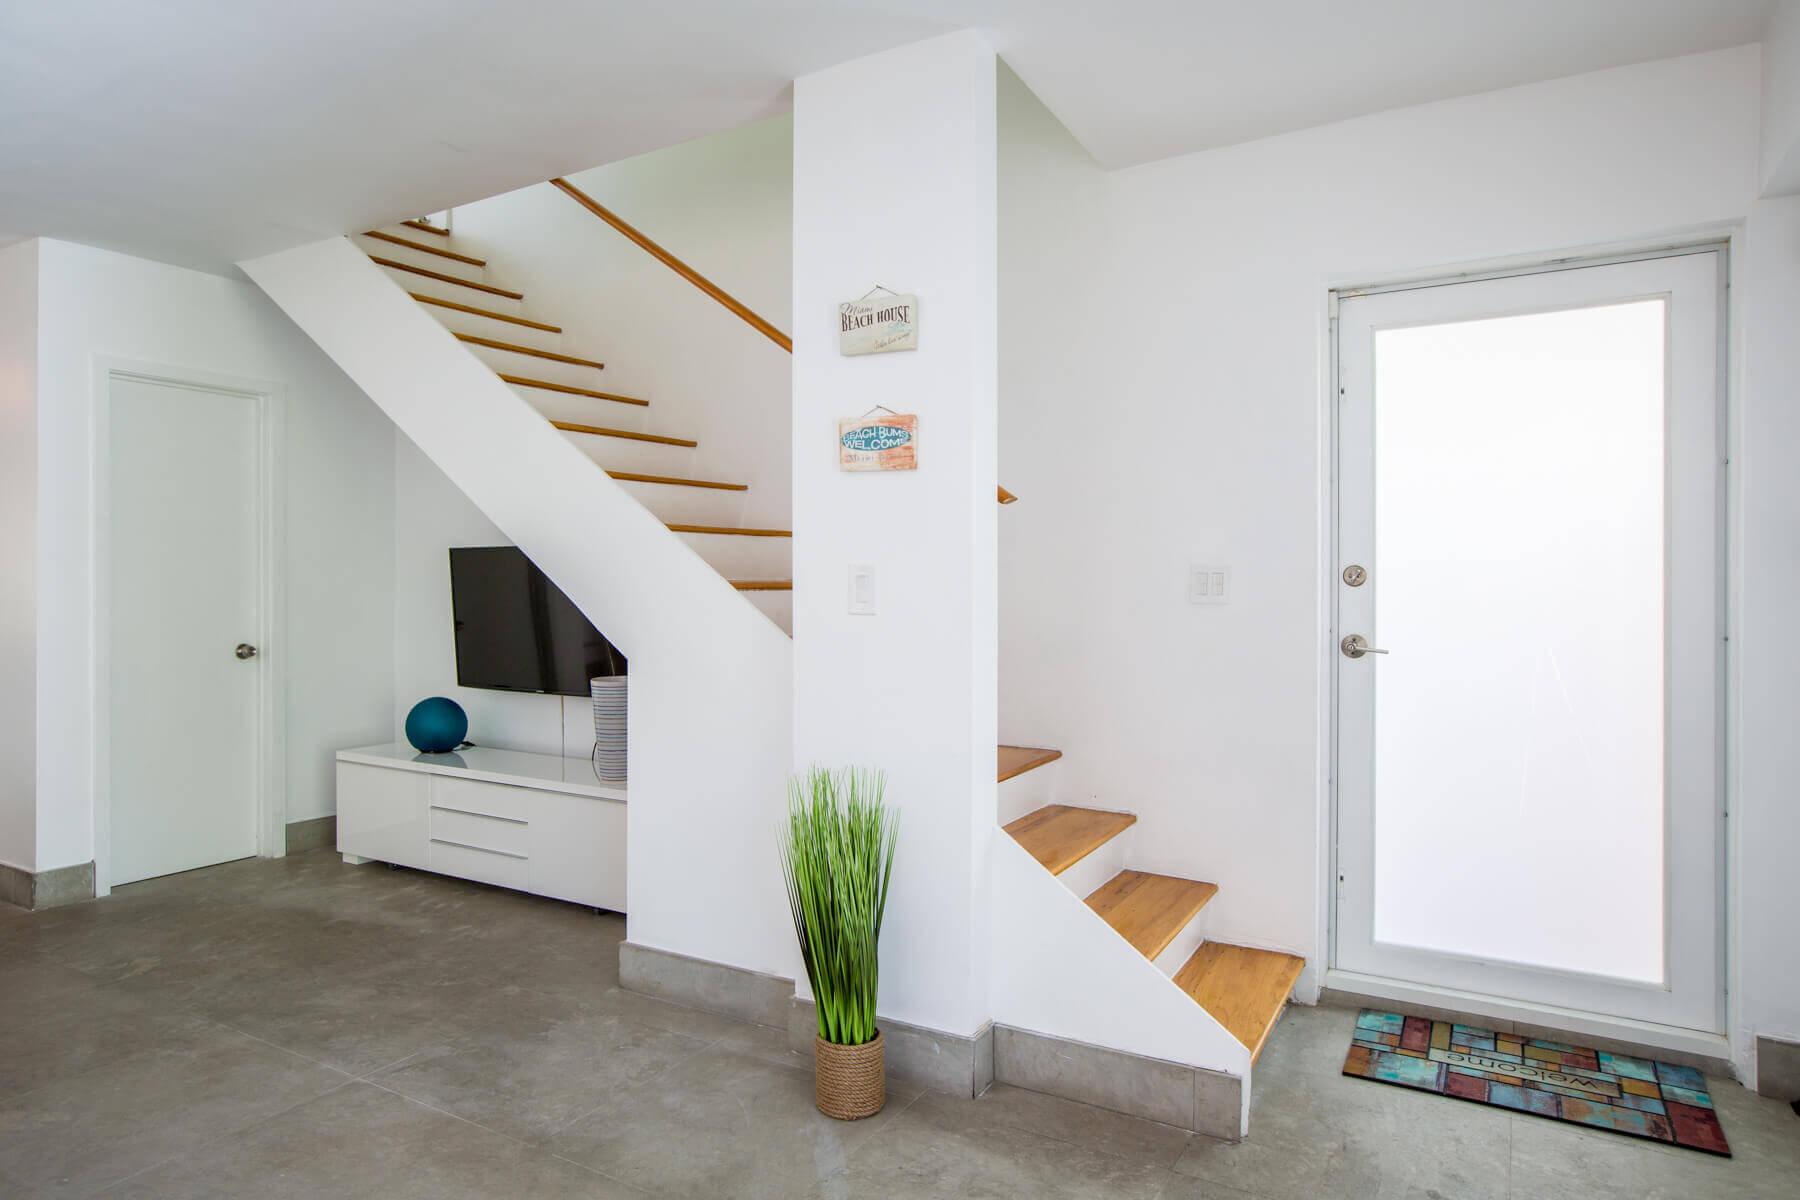 un escalier maison miami beach